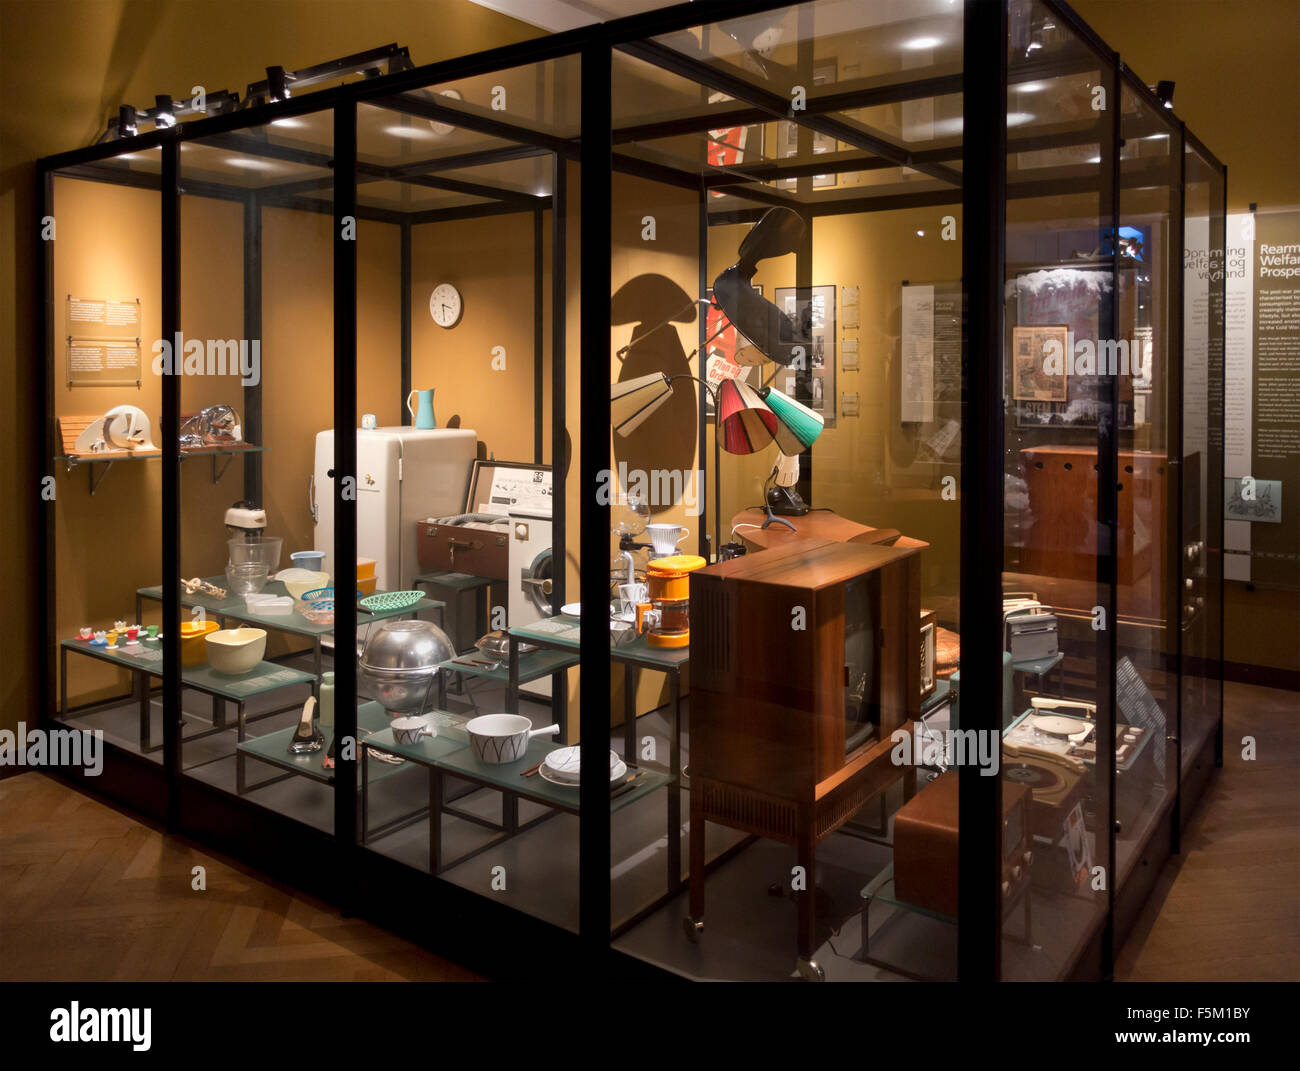 (Après-guerre WW2) et 50's 60's à usage domestique au Musée national danois (Nationalmuseet), Copenhague, Danemark. Banque D'Images